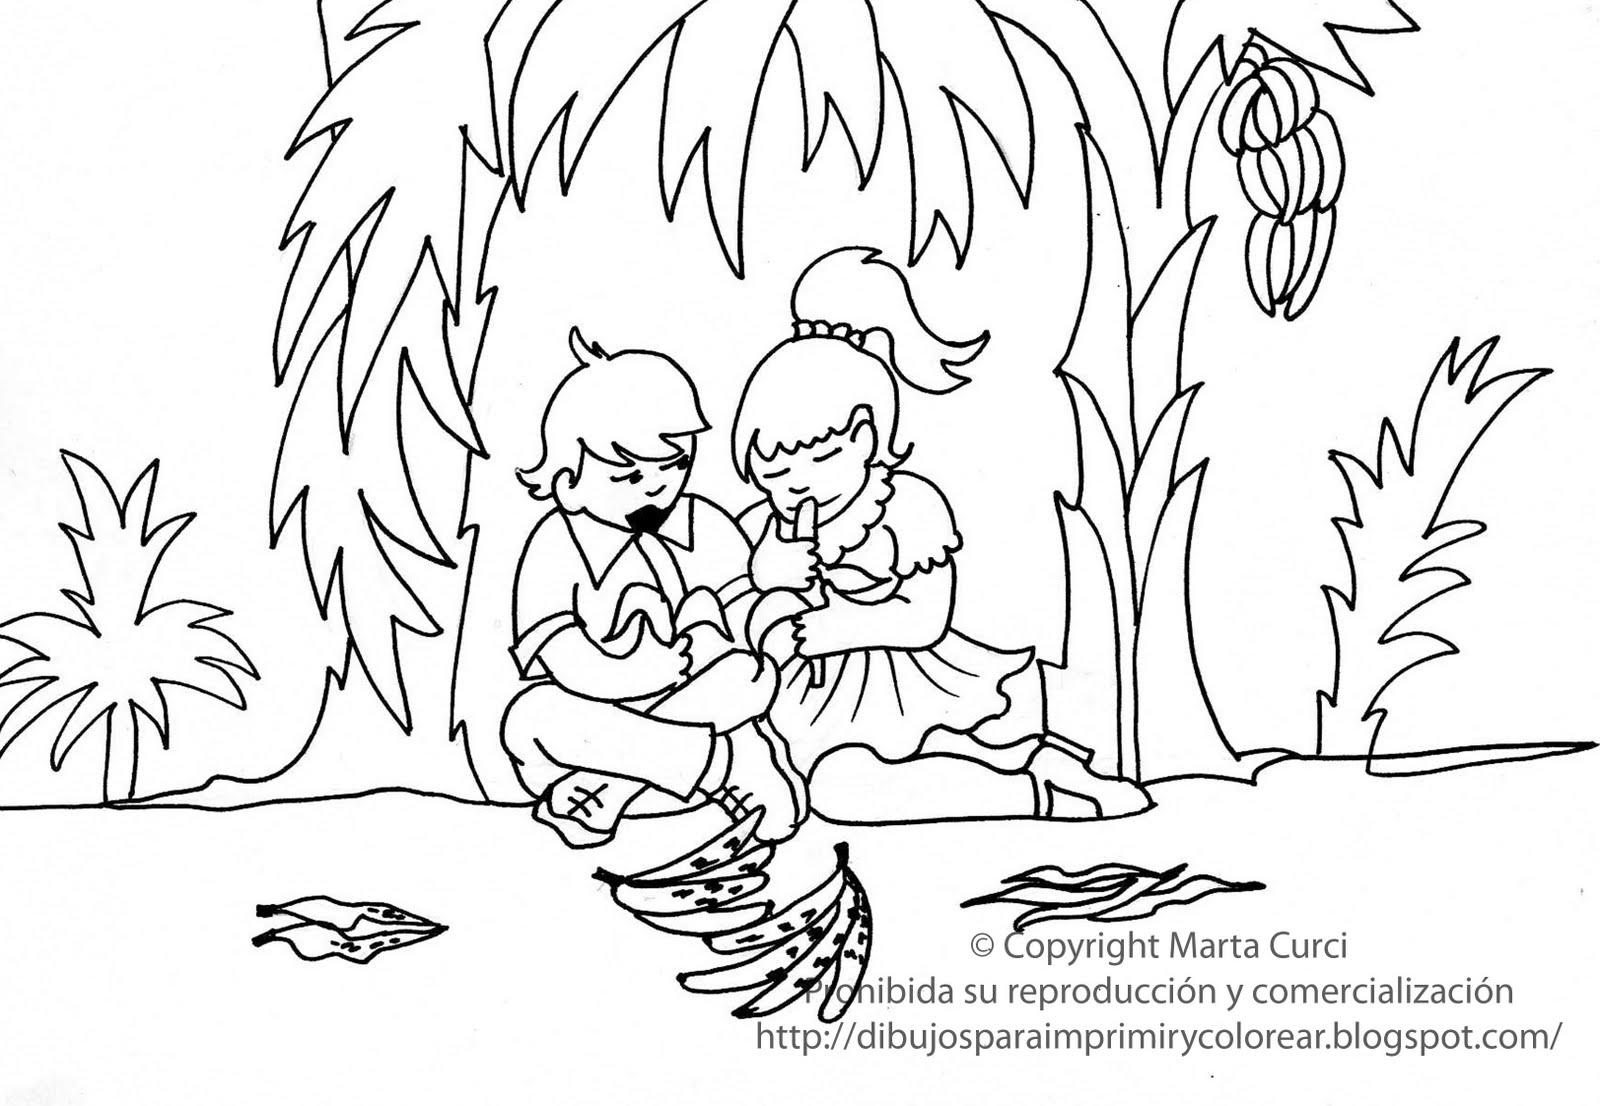 para imprimir y colorear gratis para niños: Dibujo de niños comiendo ...